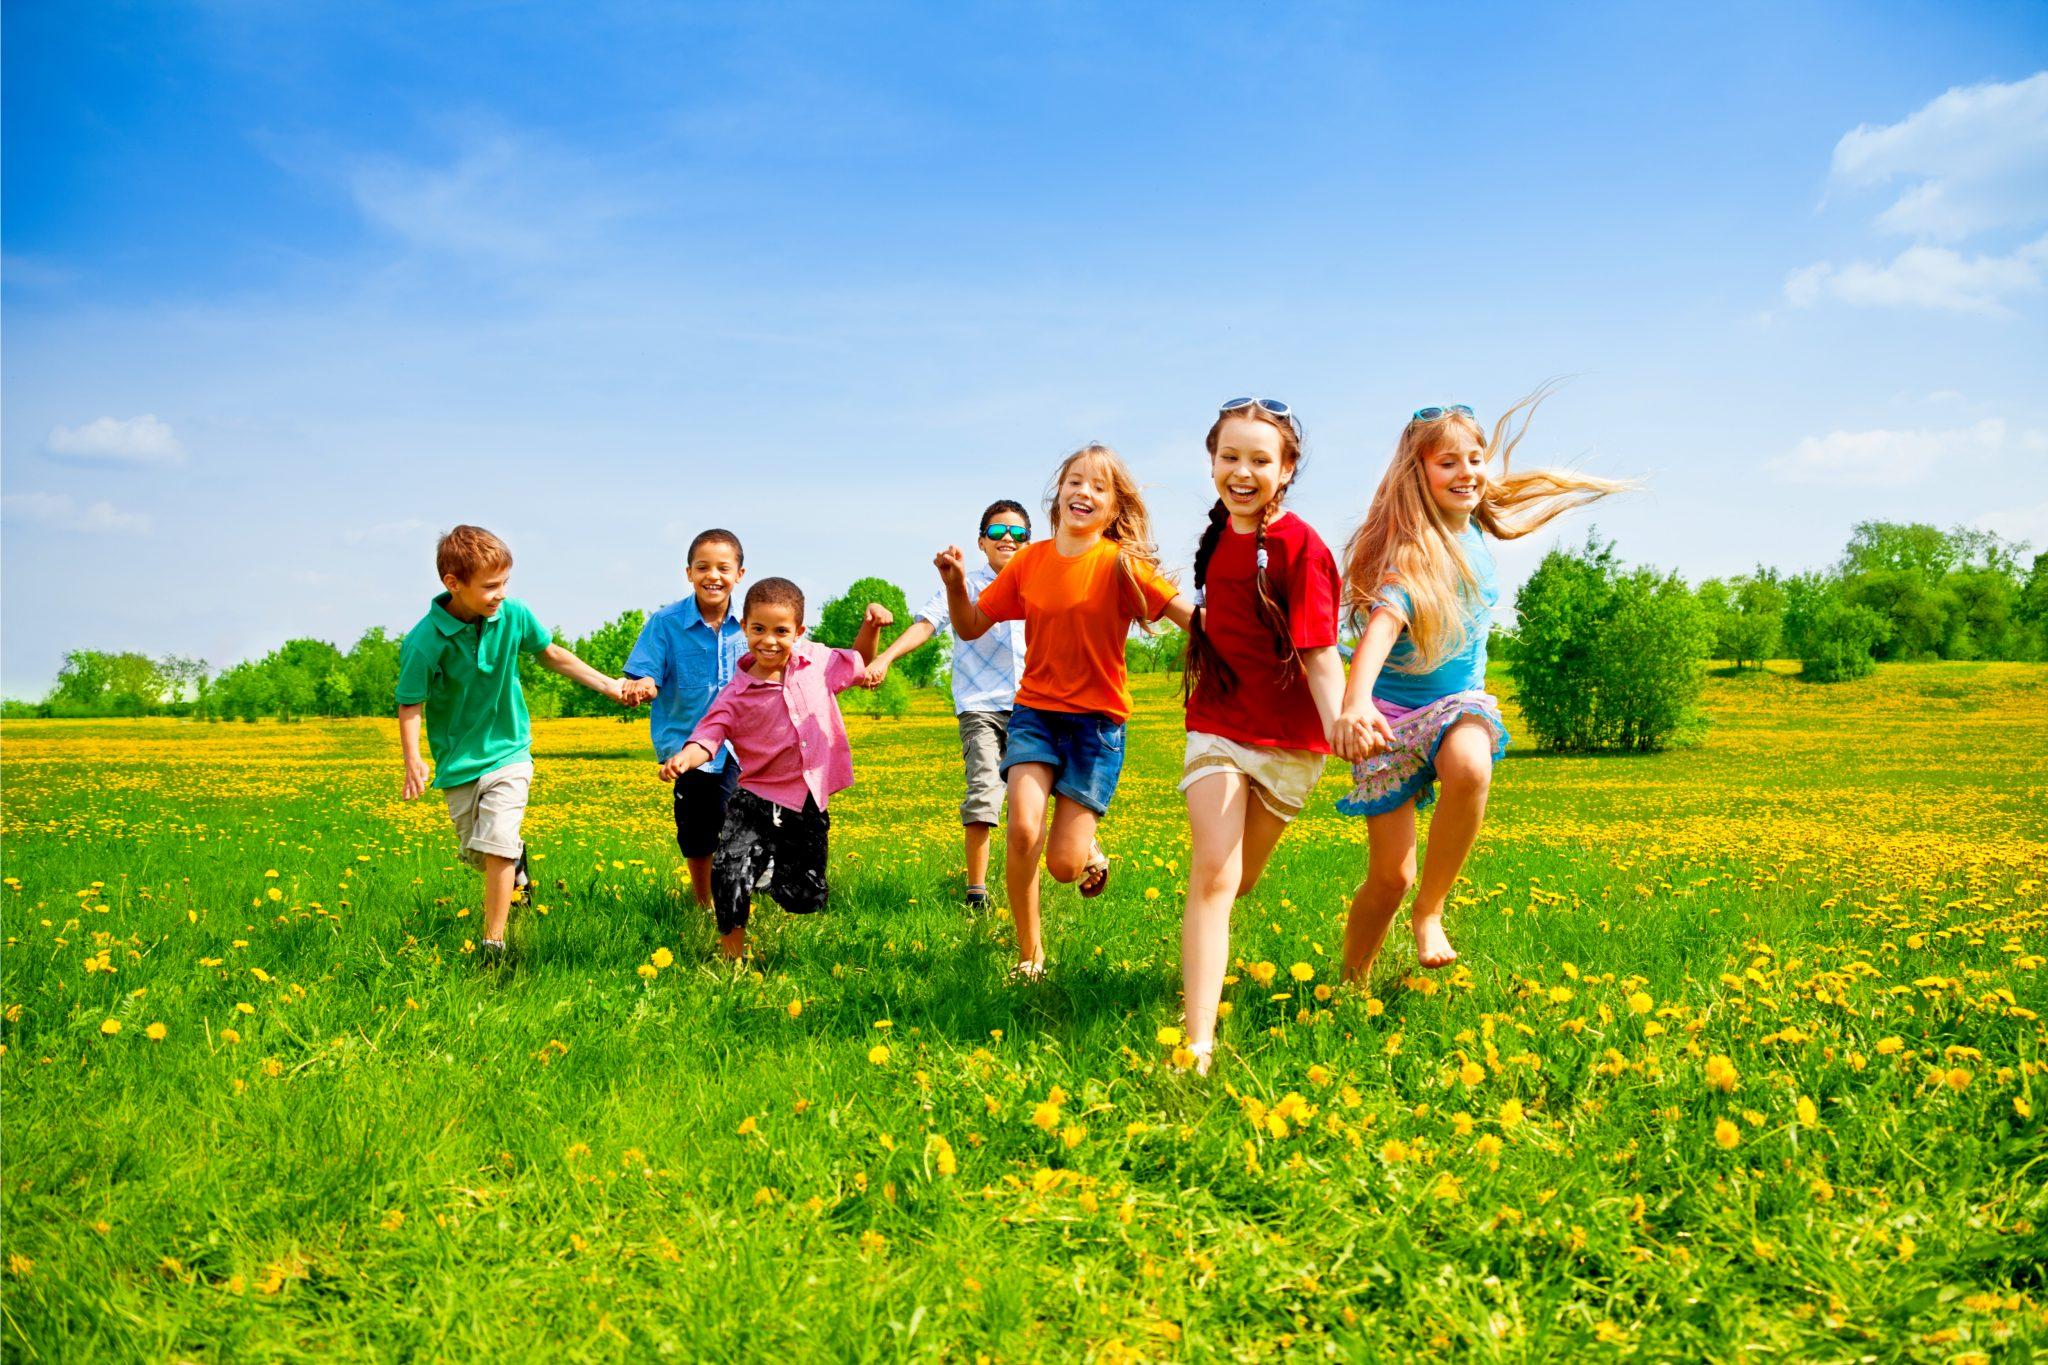 元気に芝生を走り回っている子どもたち